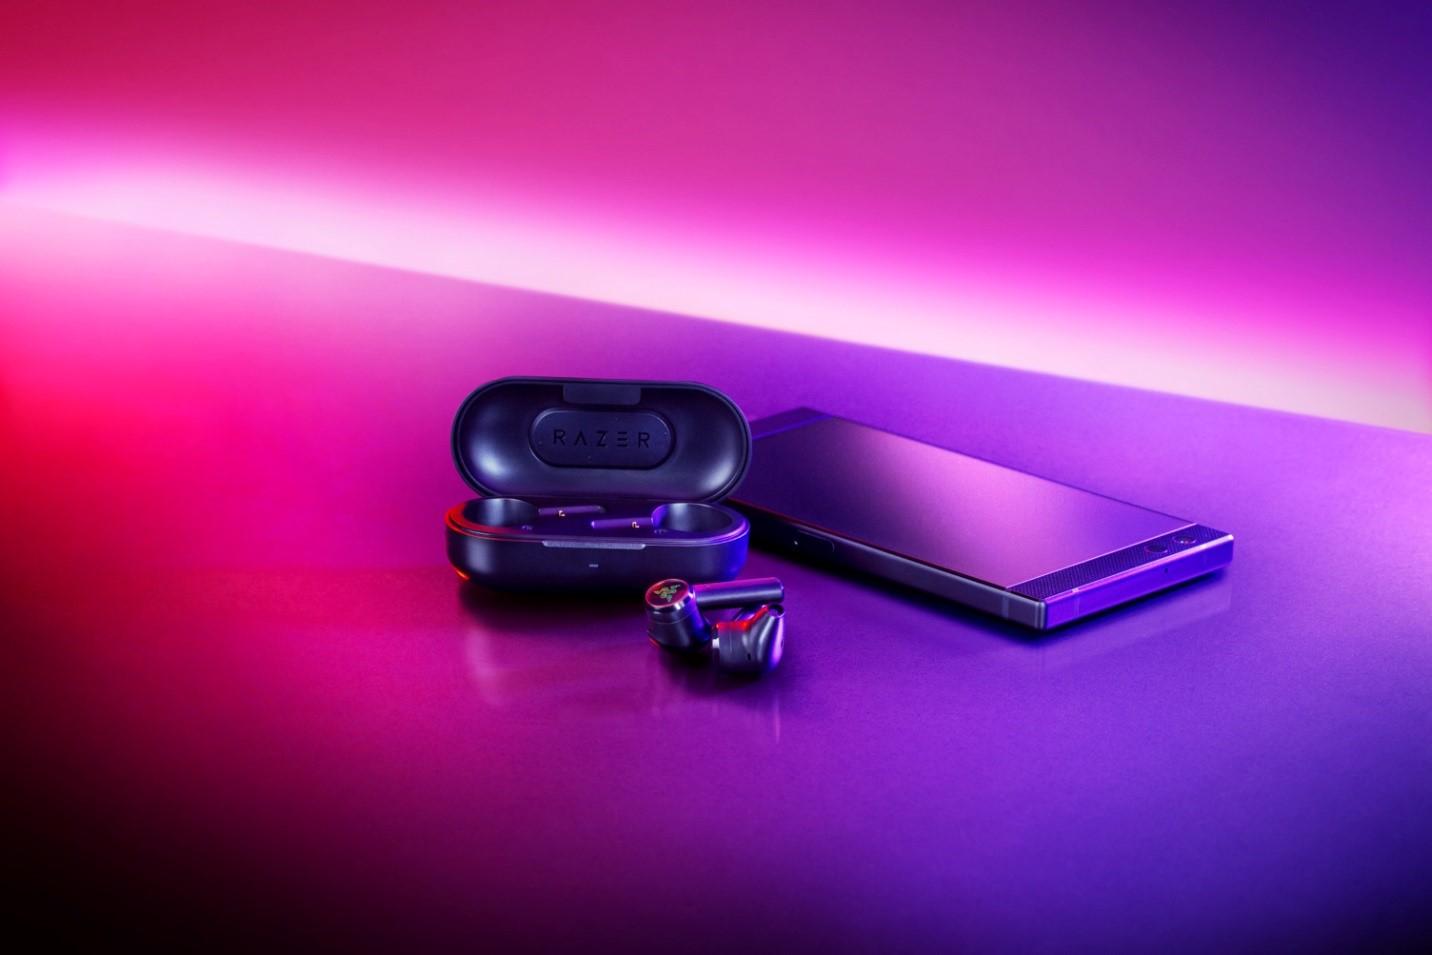 Hammerhead Razer True Wireless earbuds